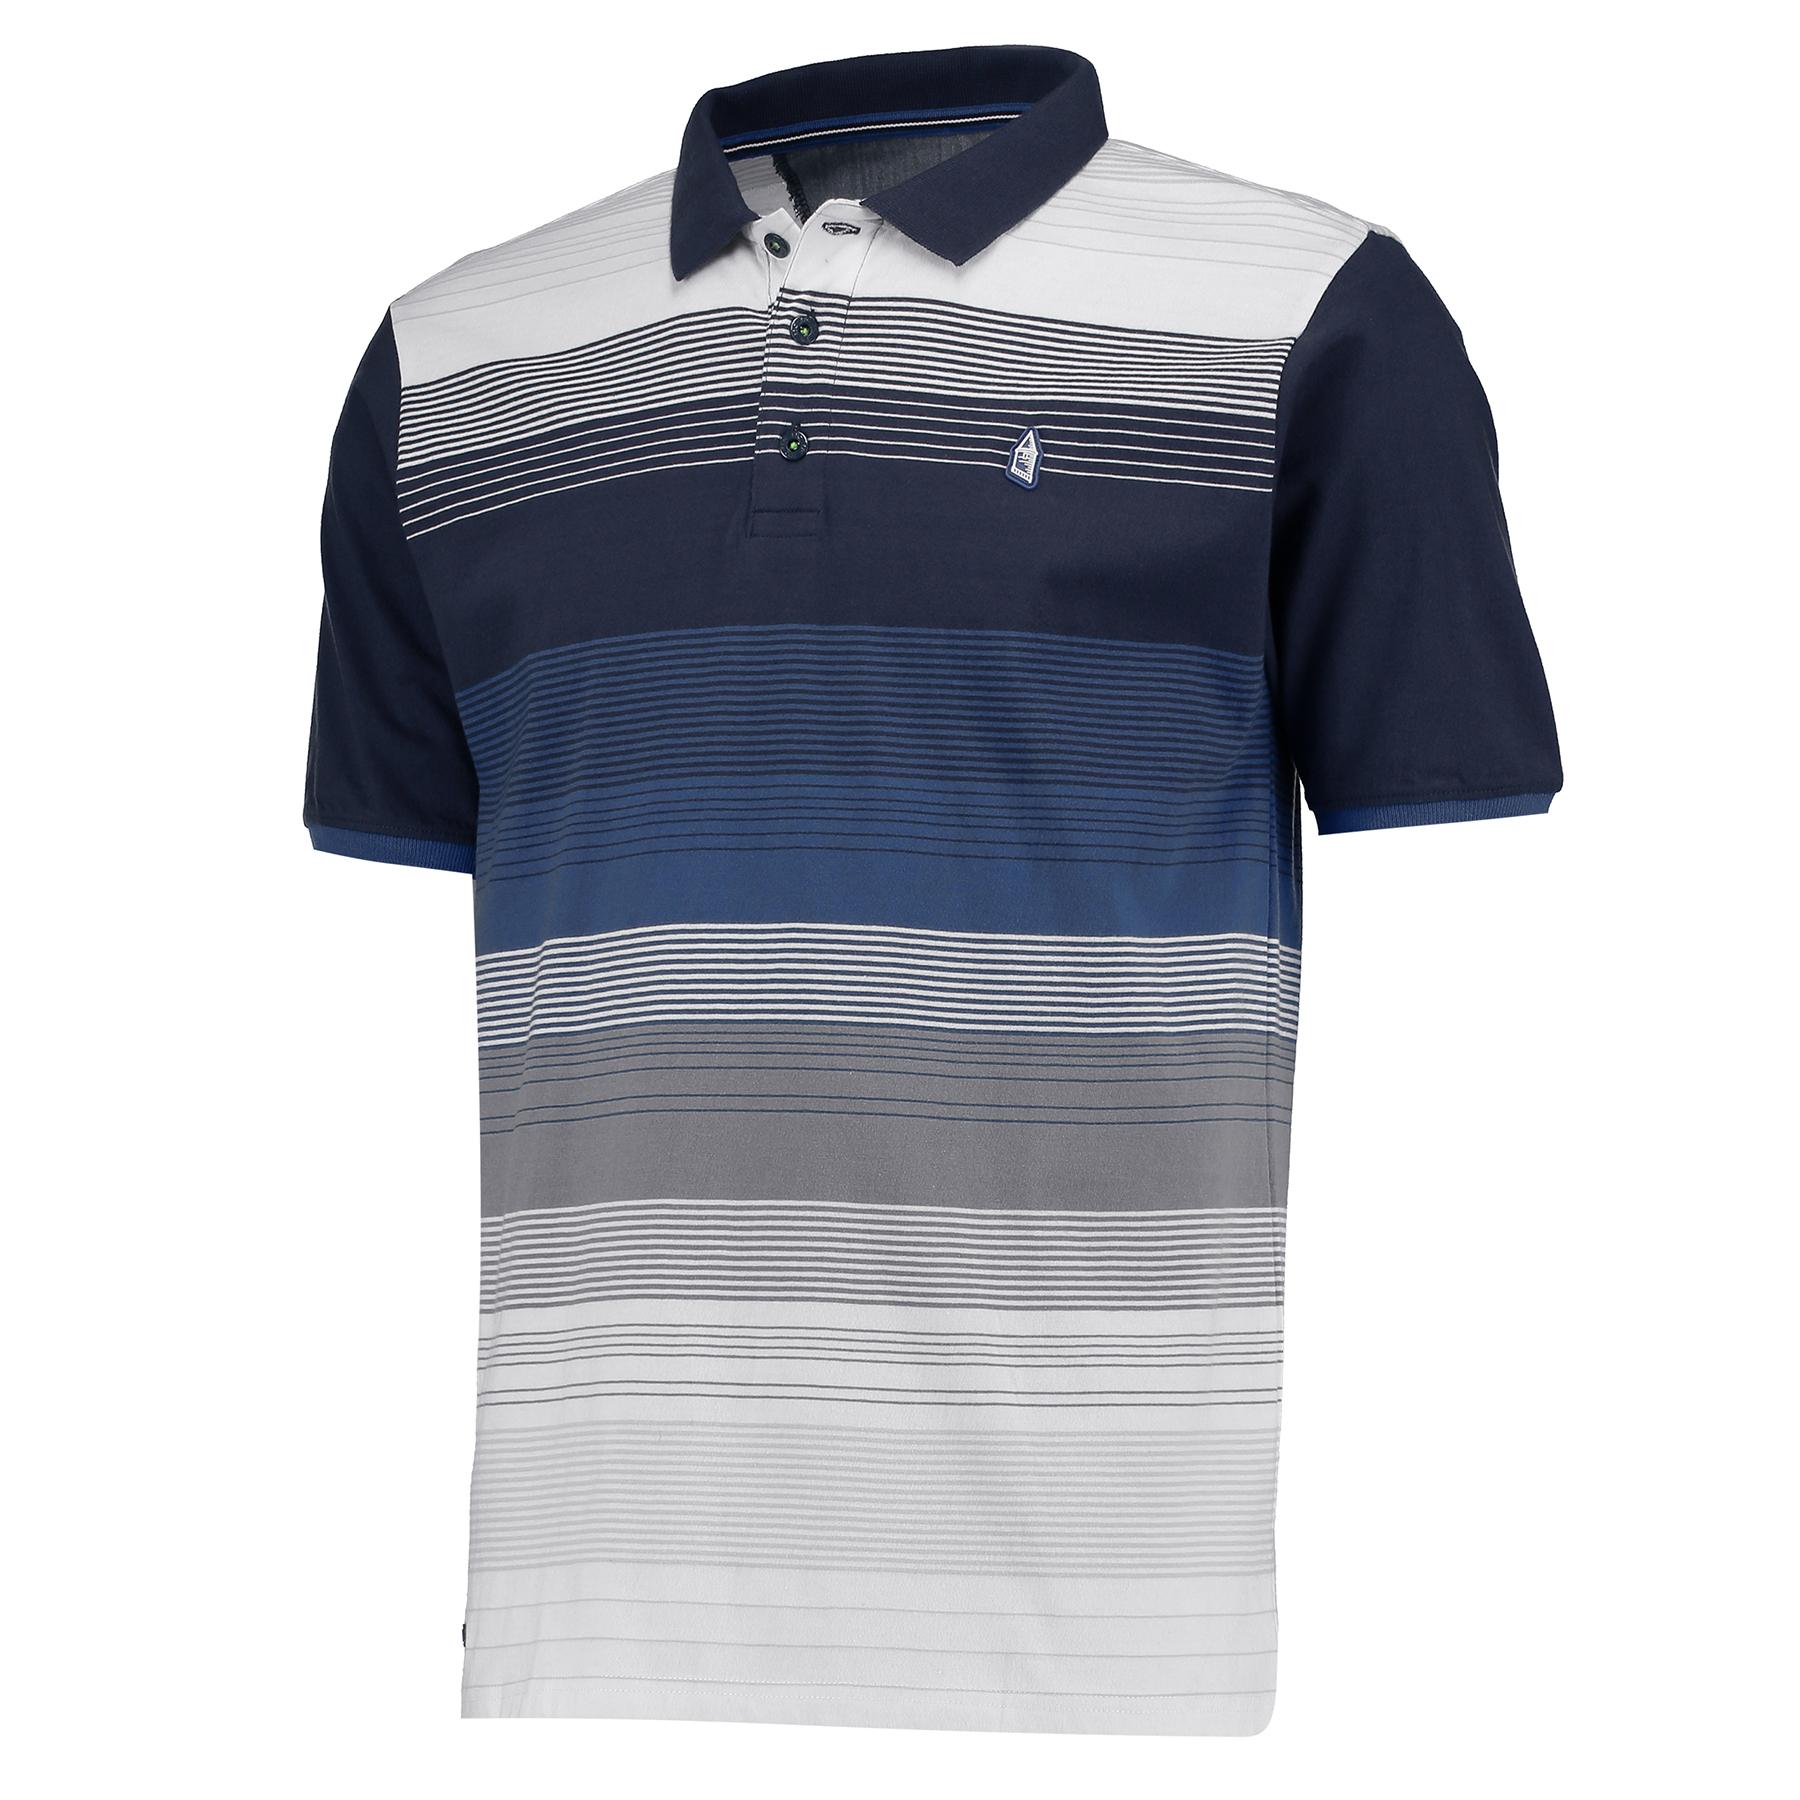 Everton Stripe Polo - Navy/White - Mens